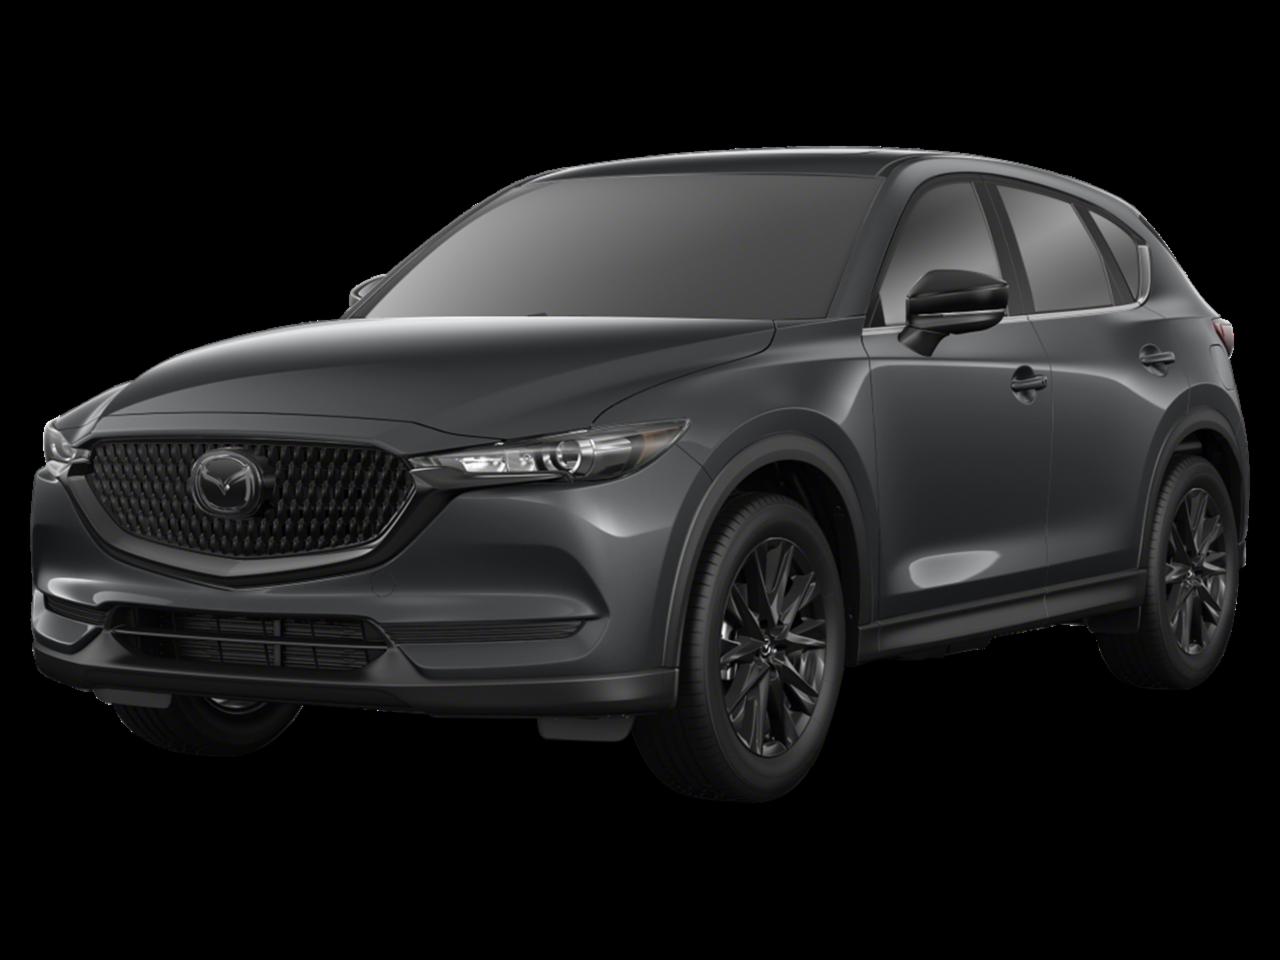 New 2021 Mazda CX-5 Carbon Edition